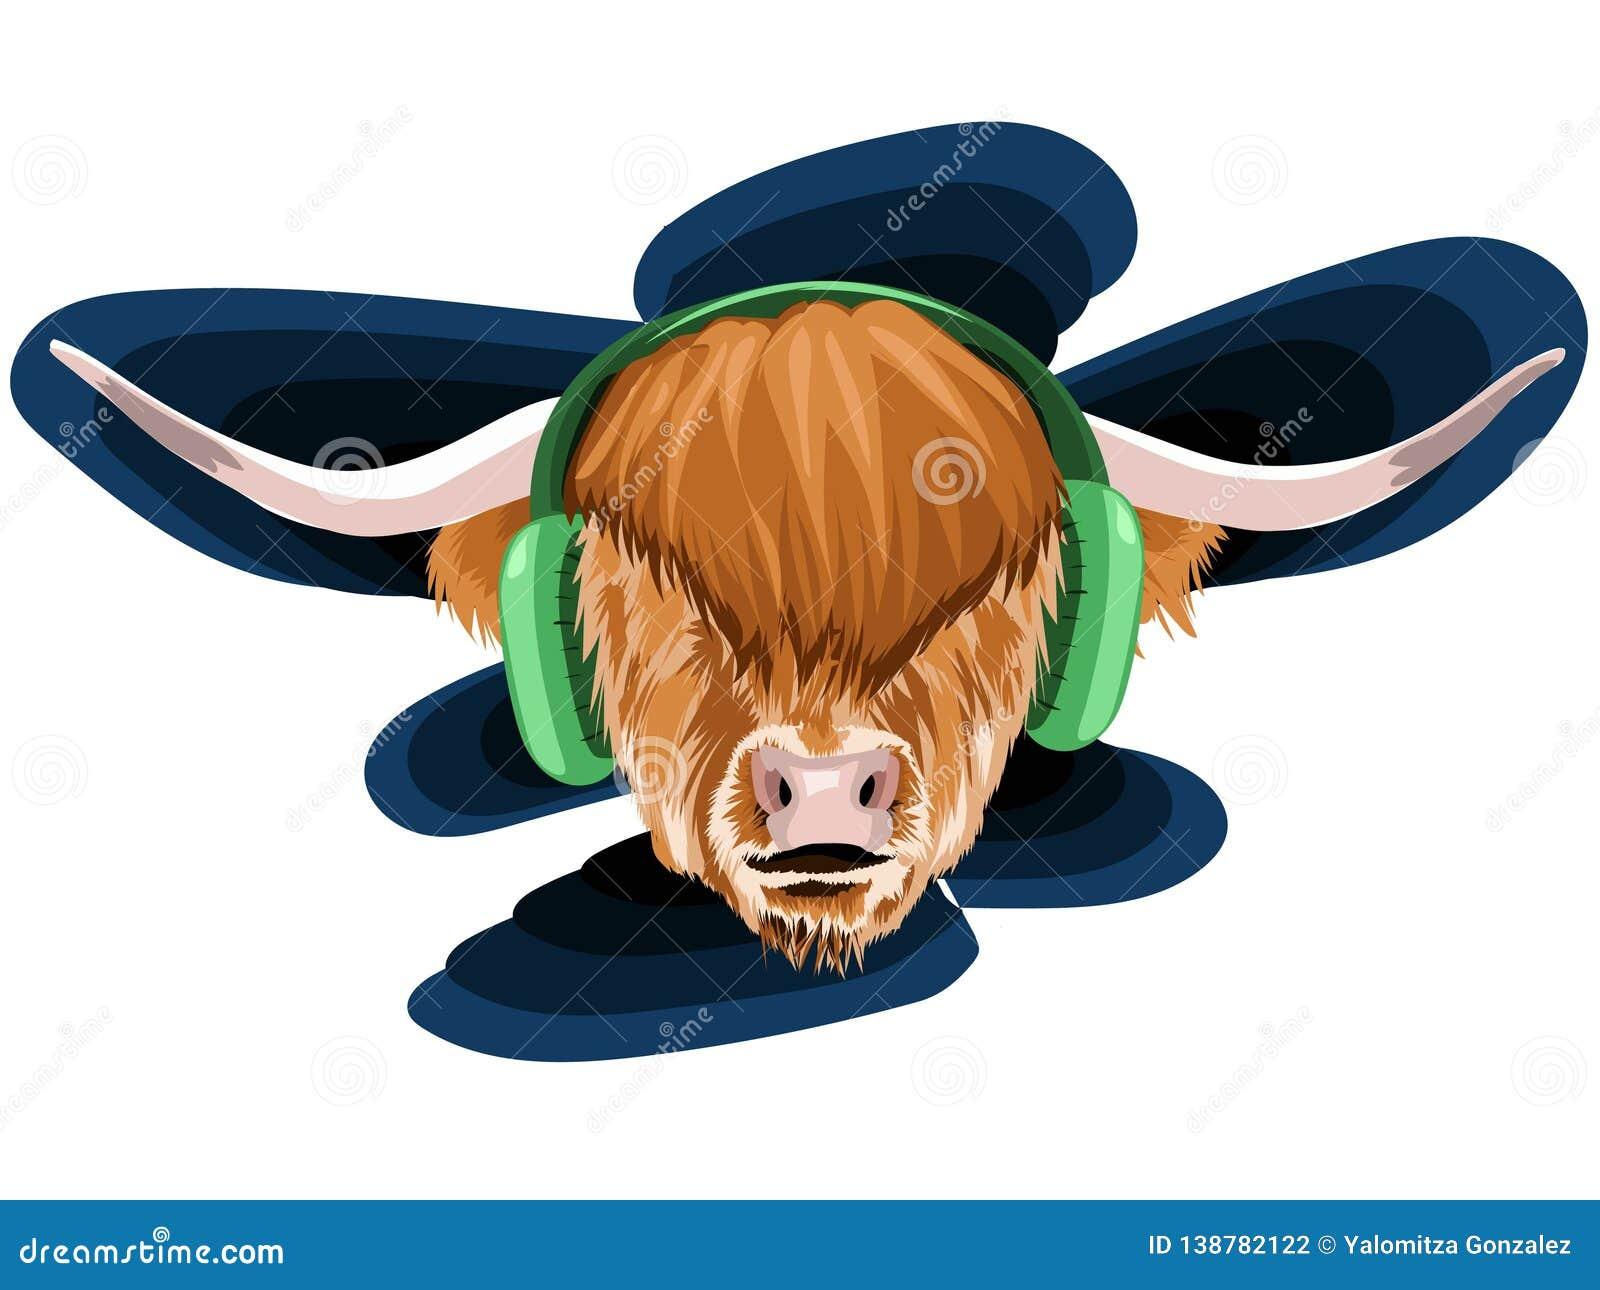 Illustrazione di vettore di un fronte di un toro con il polina e capelli molto lunghi e marrone lanuginoso con due grandi corni i